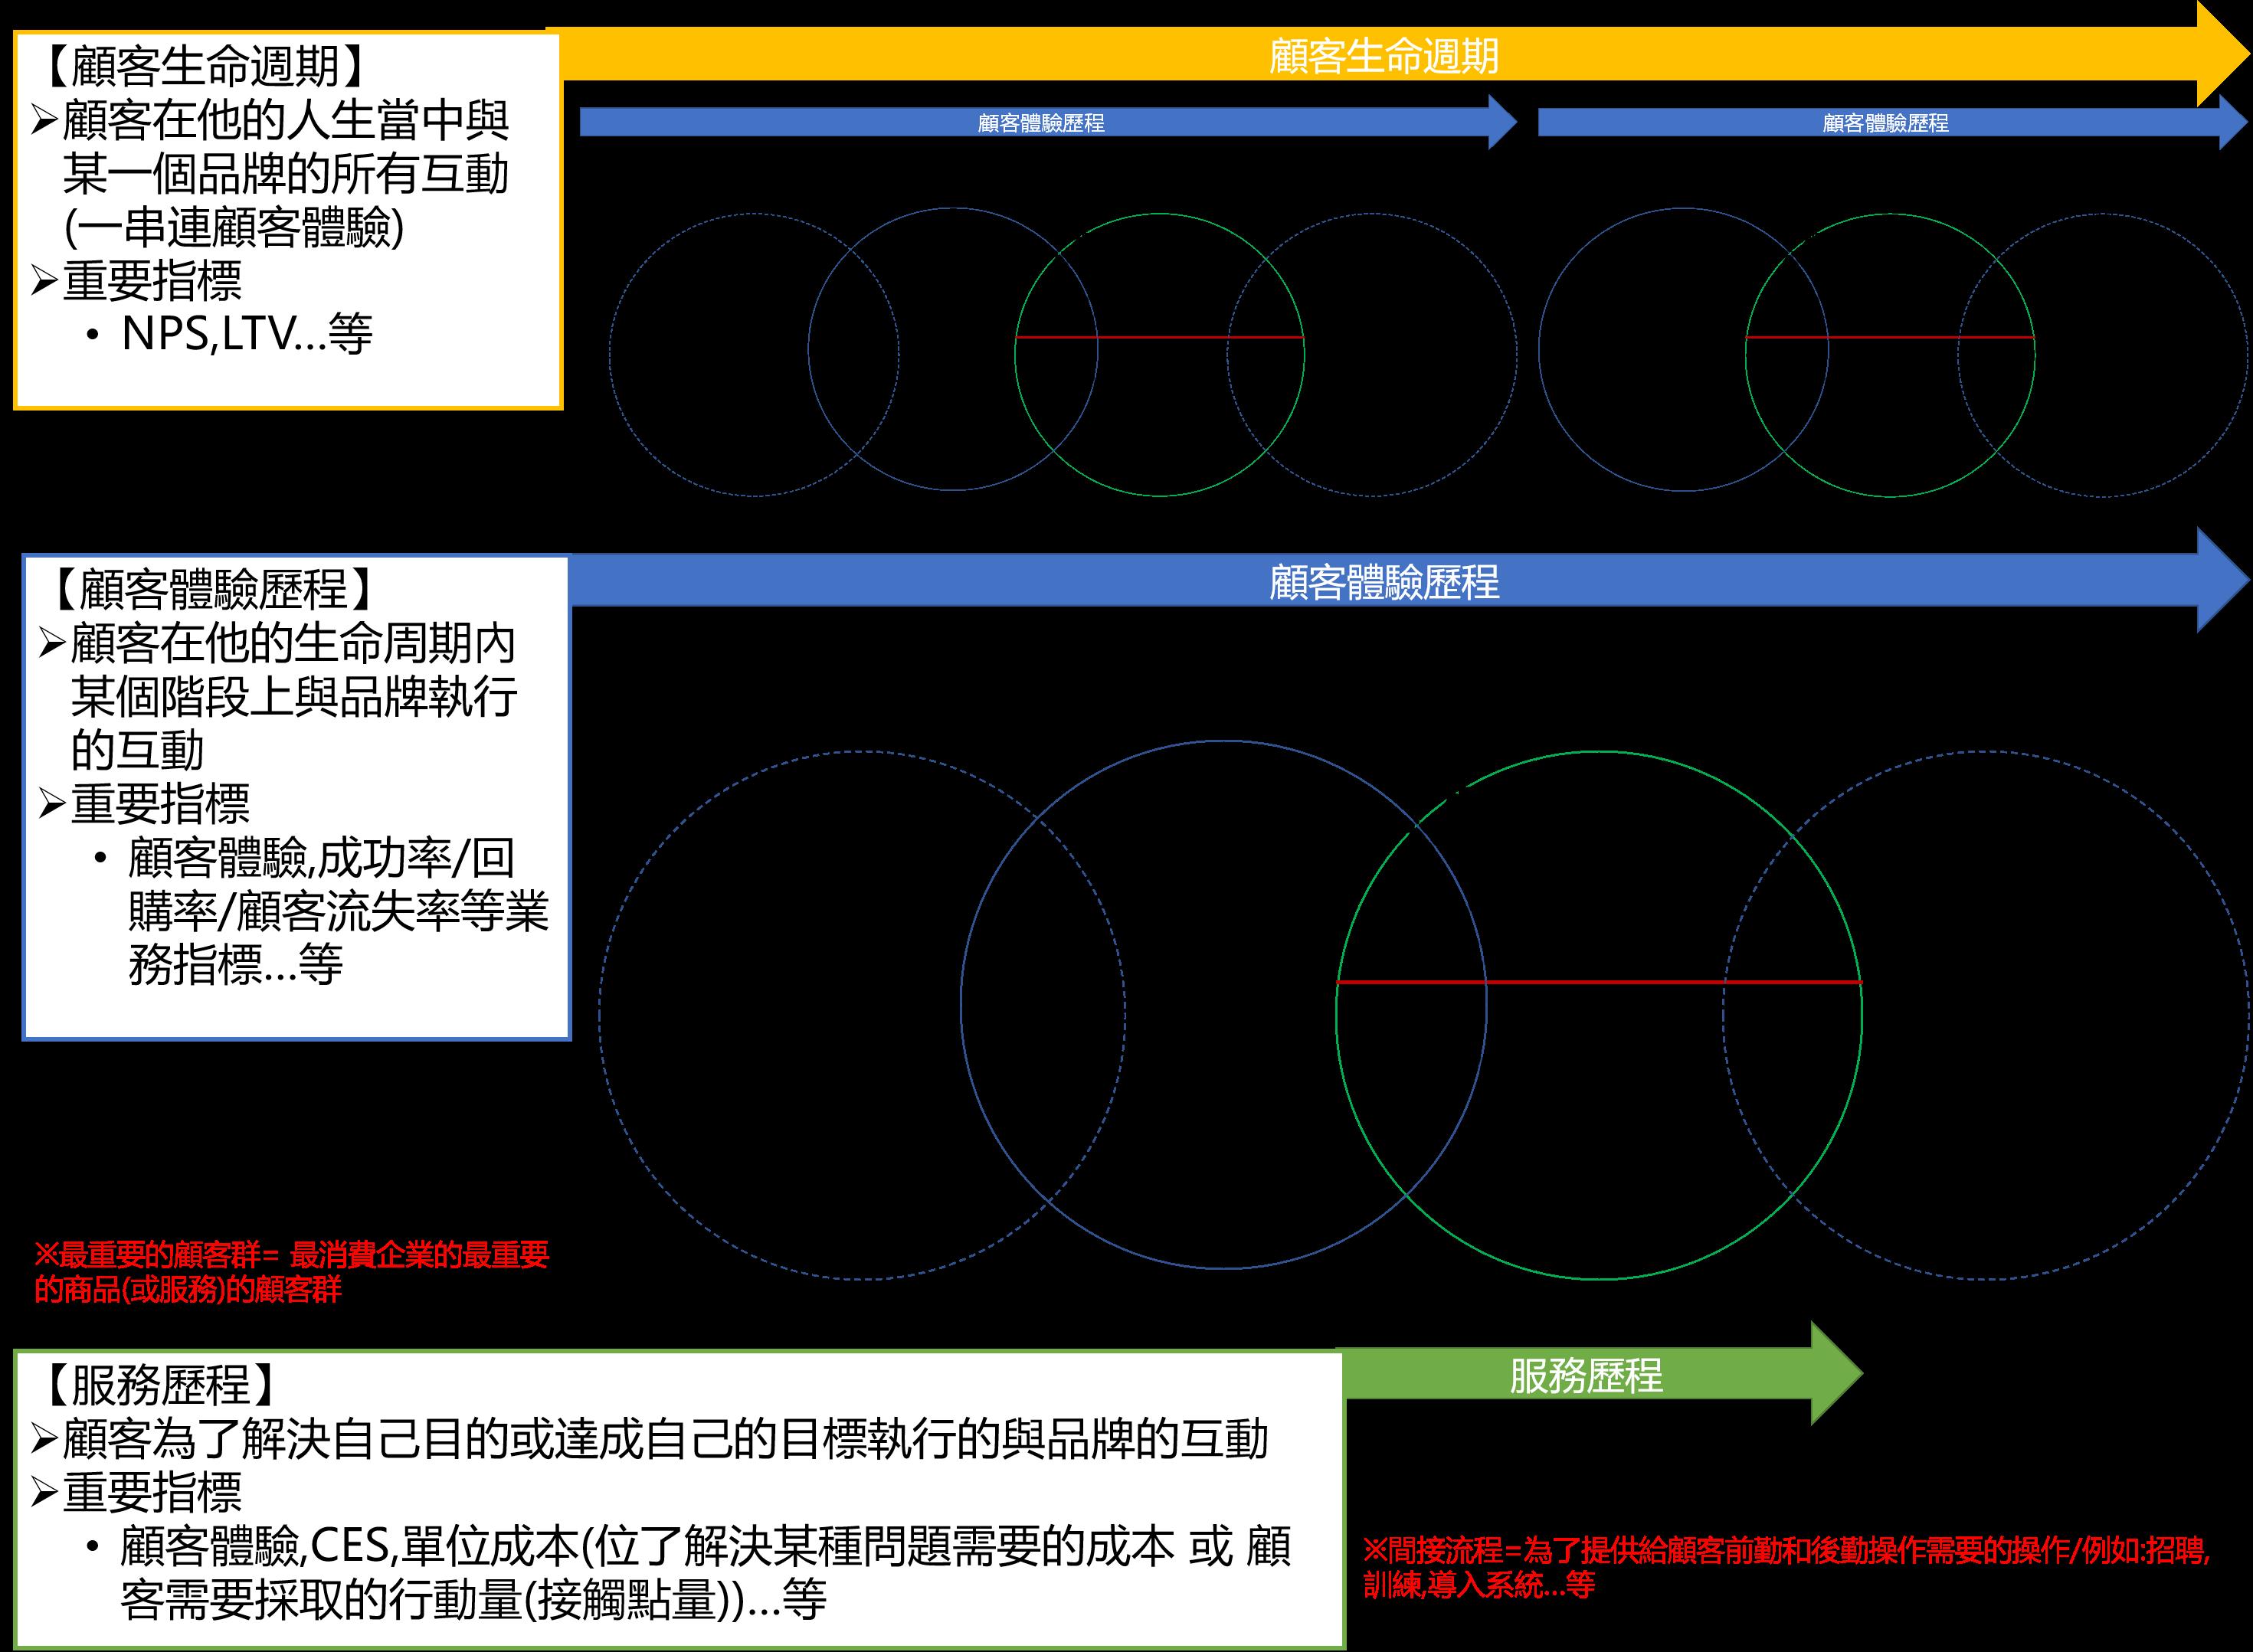 図2-Sep-16-2020-07-06-31-45-AM